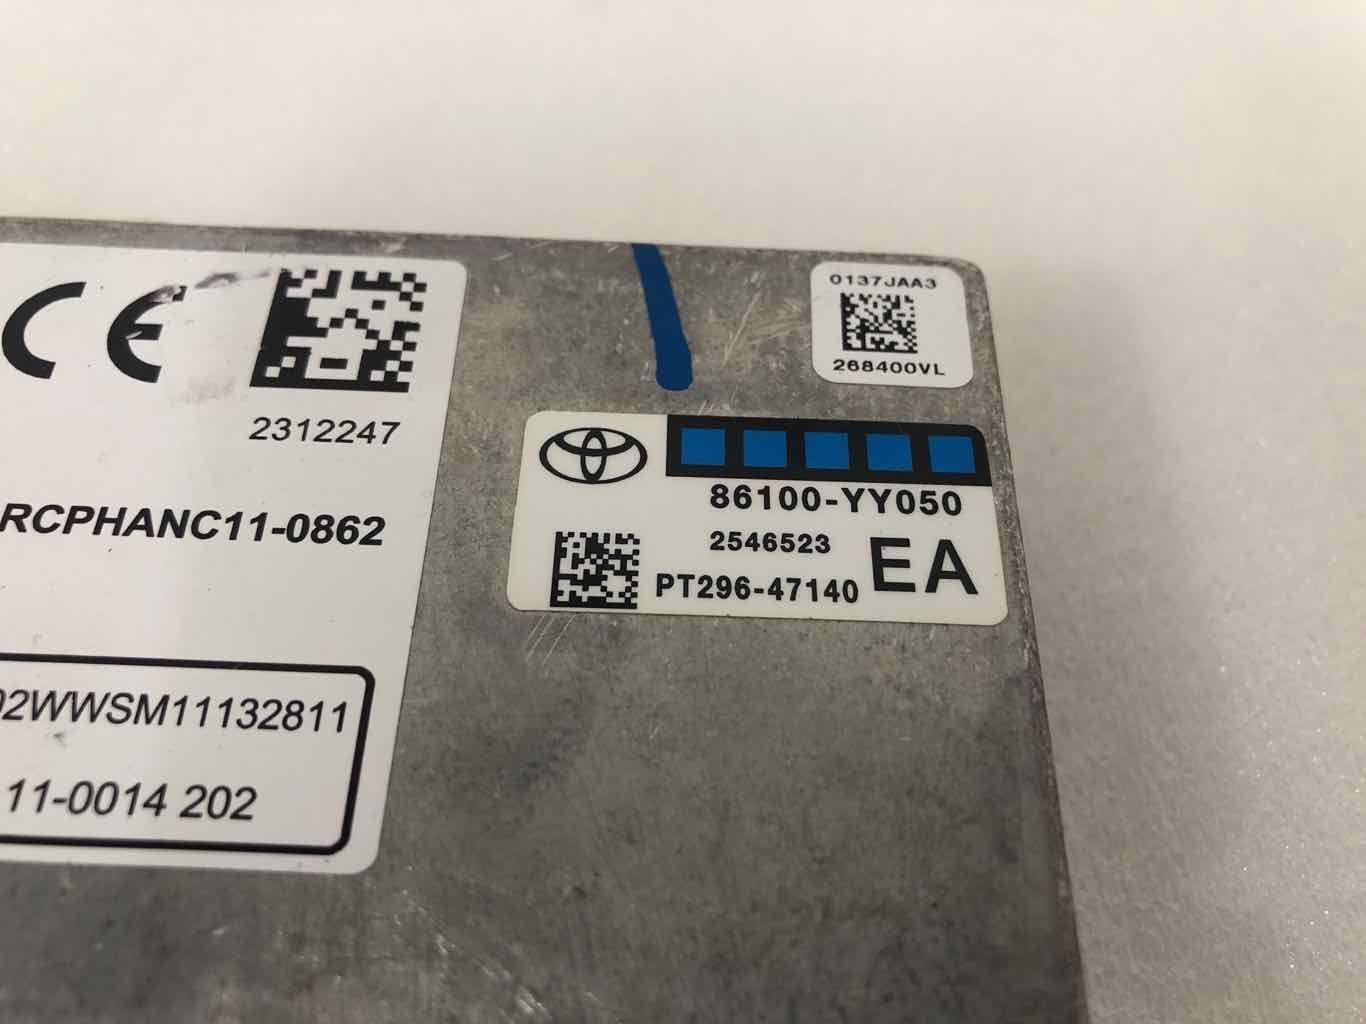 5196A0DA-B15F-4976-866B-FE6246CF1E35.JPG